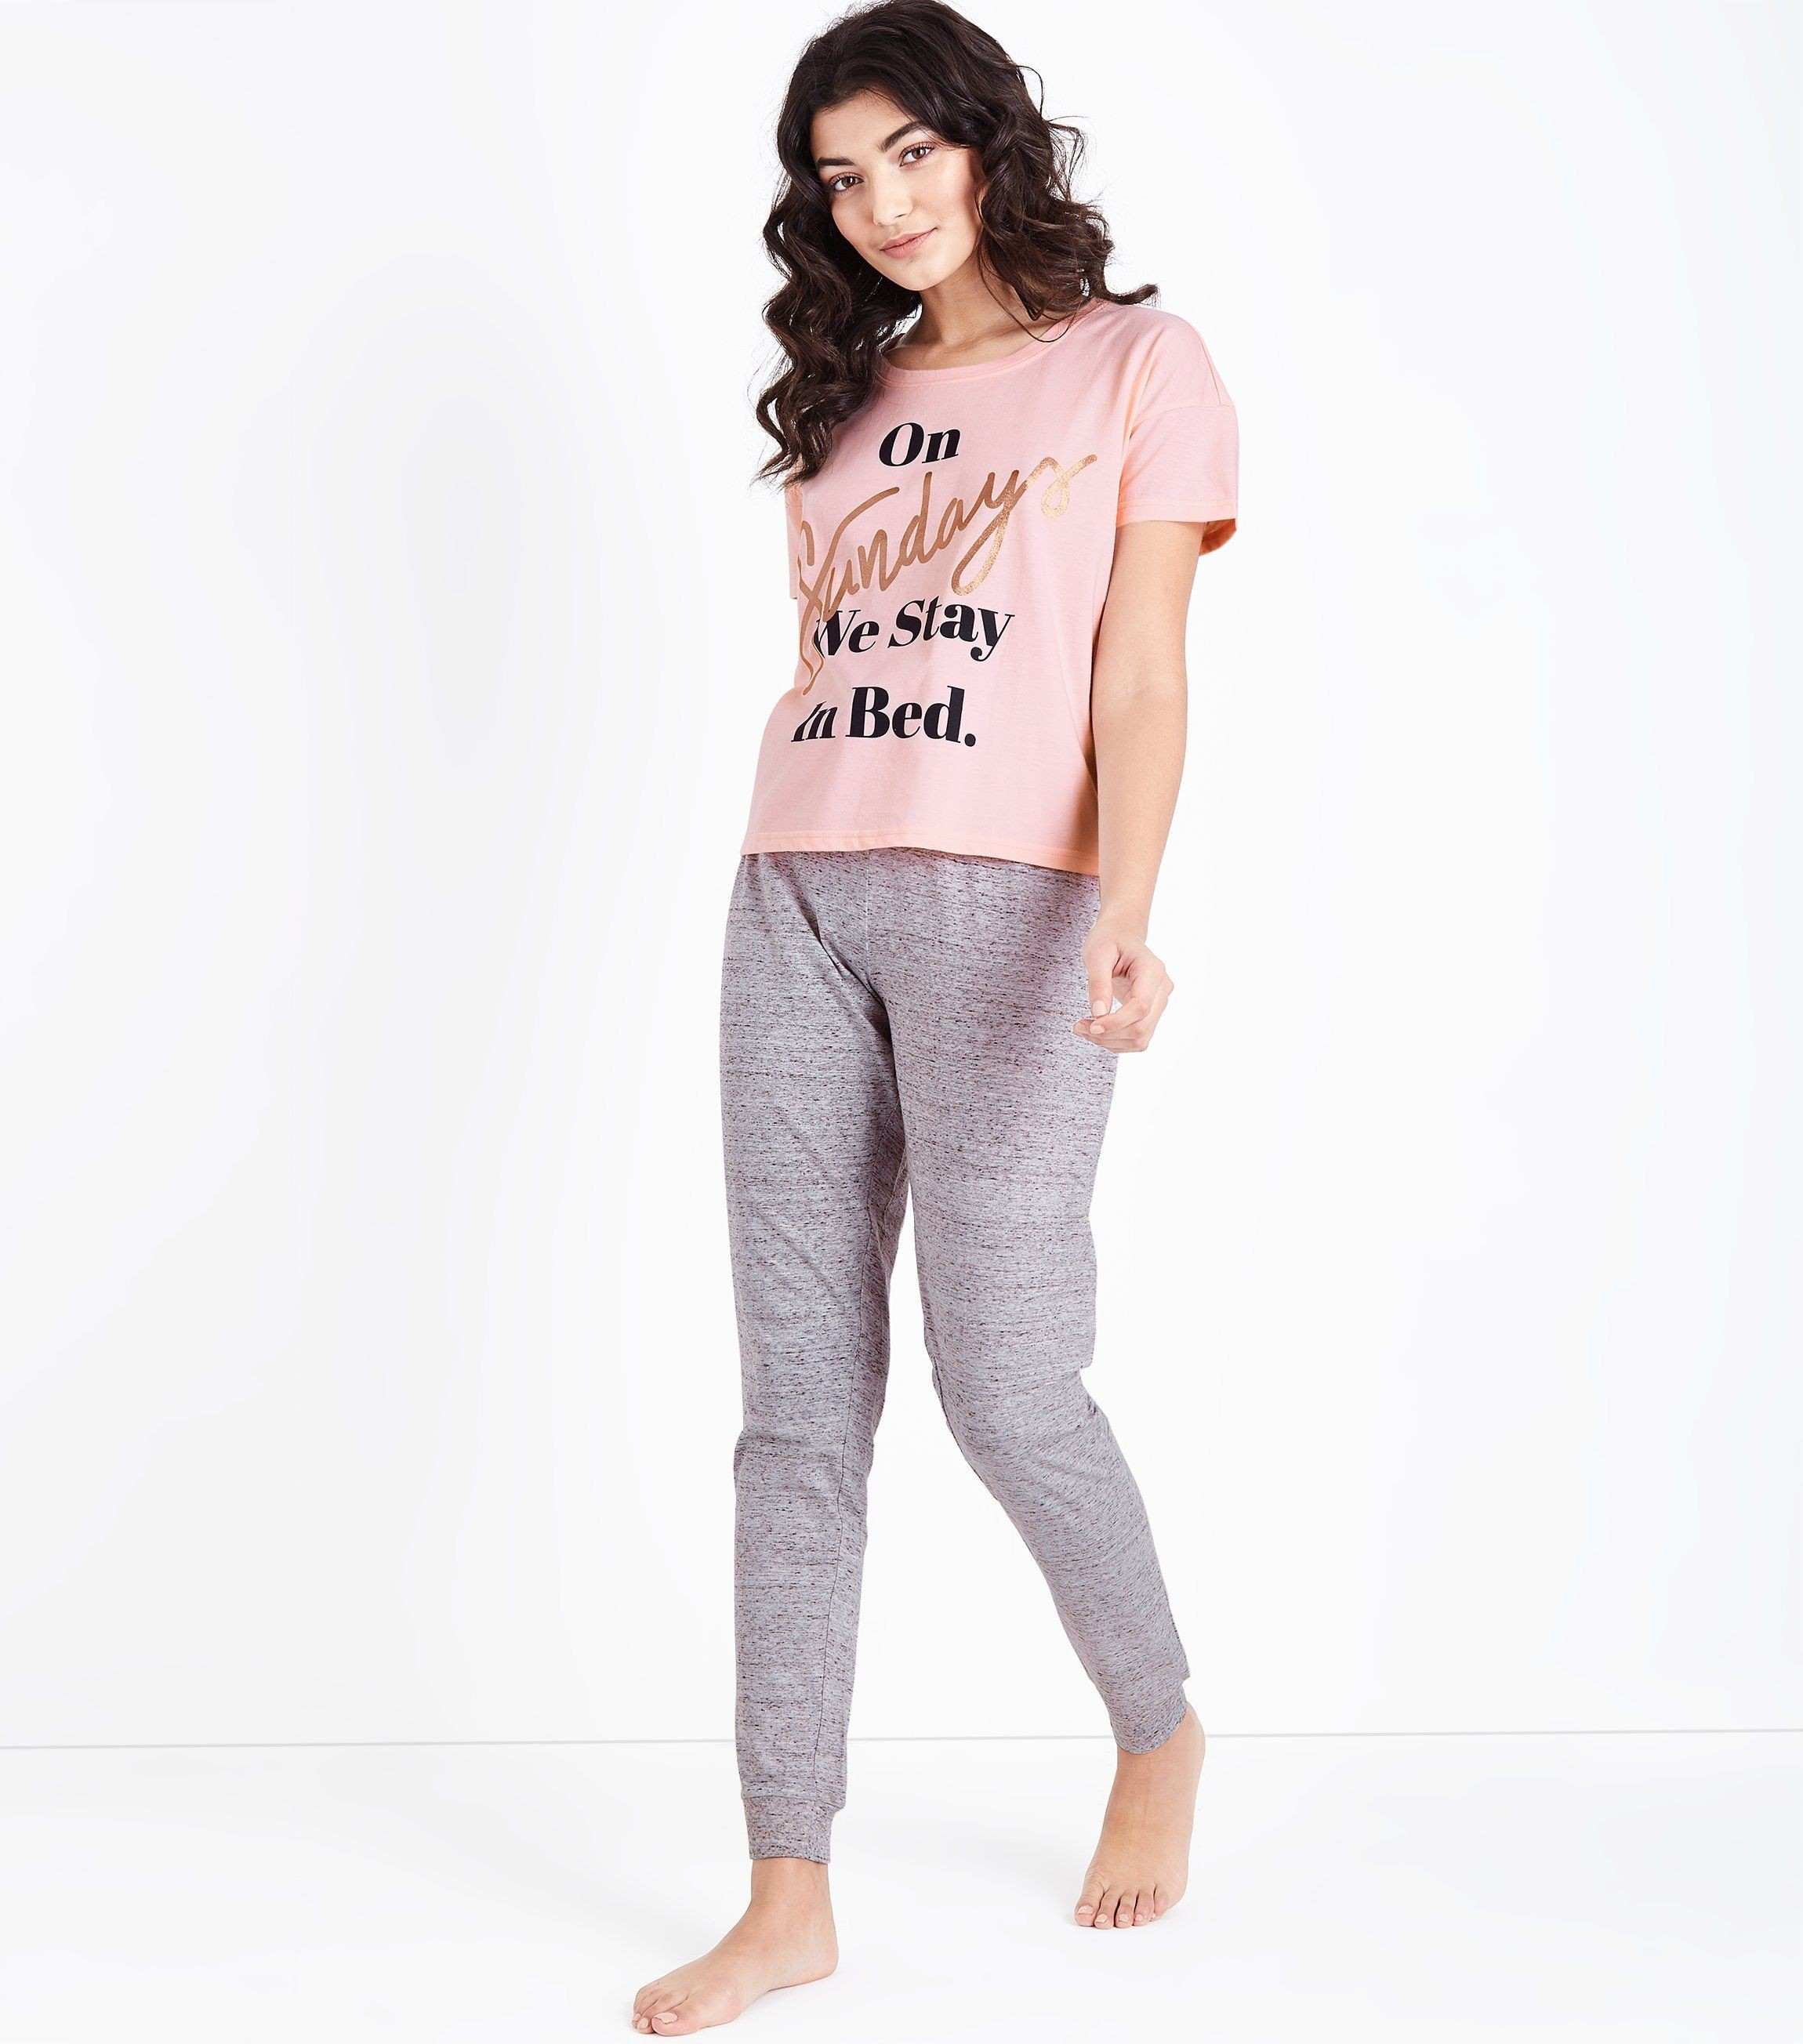 спортивный костюм женский модный 2018 2019: серый с розовым в пижамном стиле